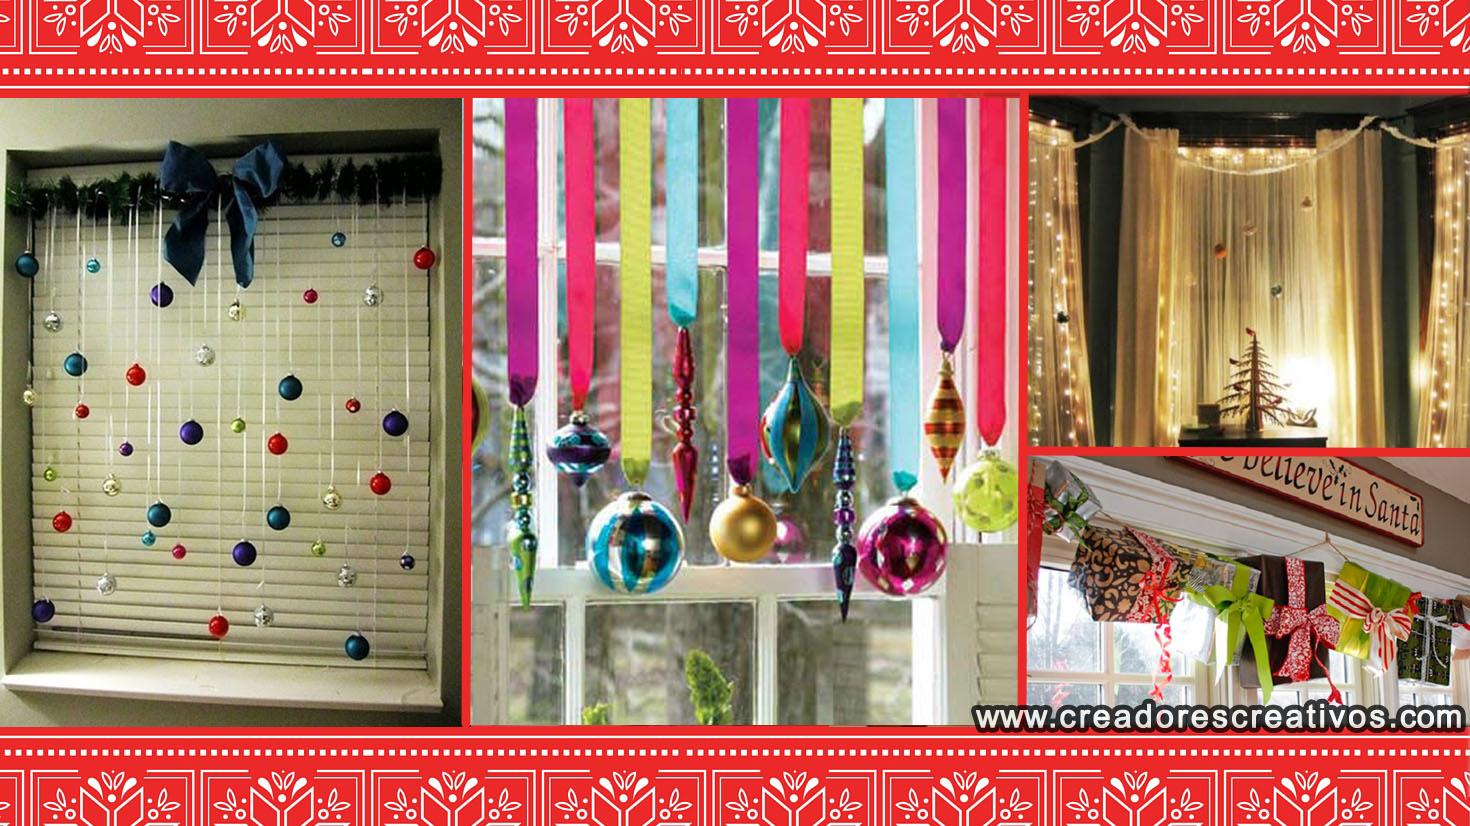 Decoraciones navide as para el hogar creadores creativos - Decoraciones para hogar ...